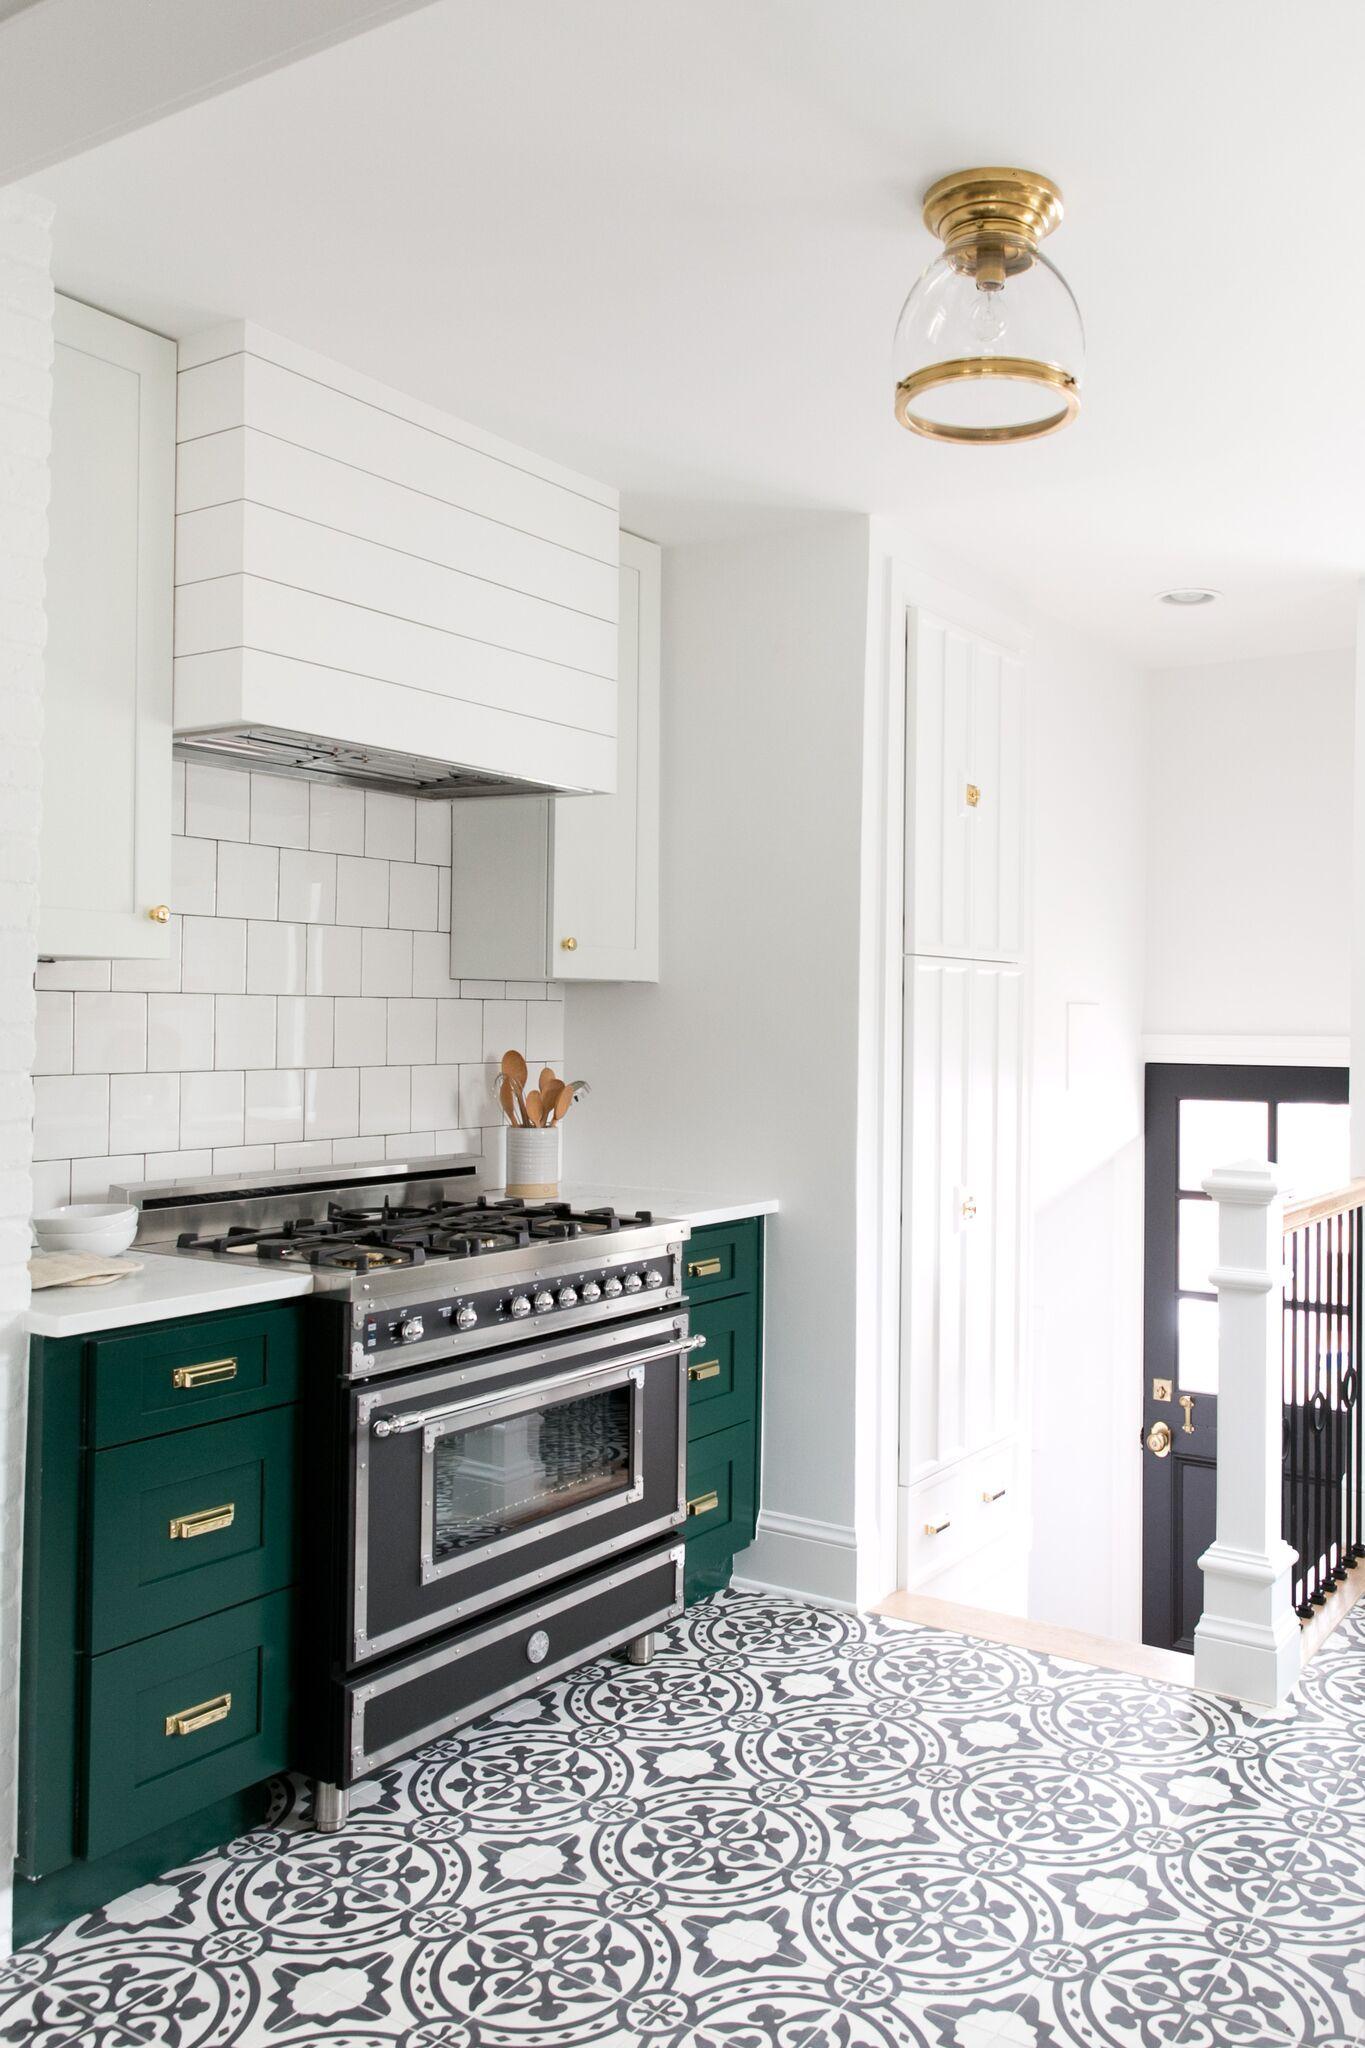 Denver Tudor Reveal | Pinterest | Studio mcgee, Denver and Open shelving